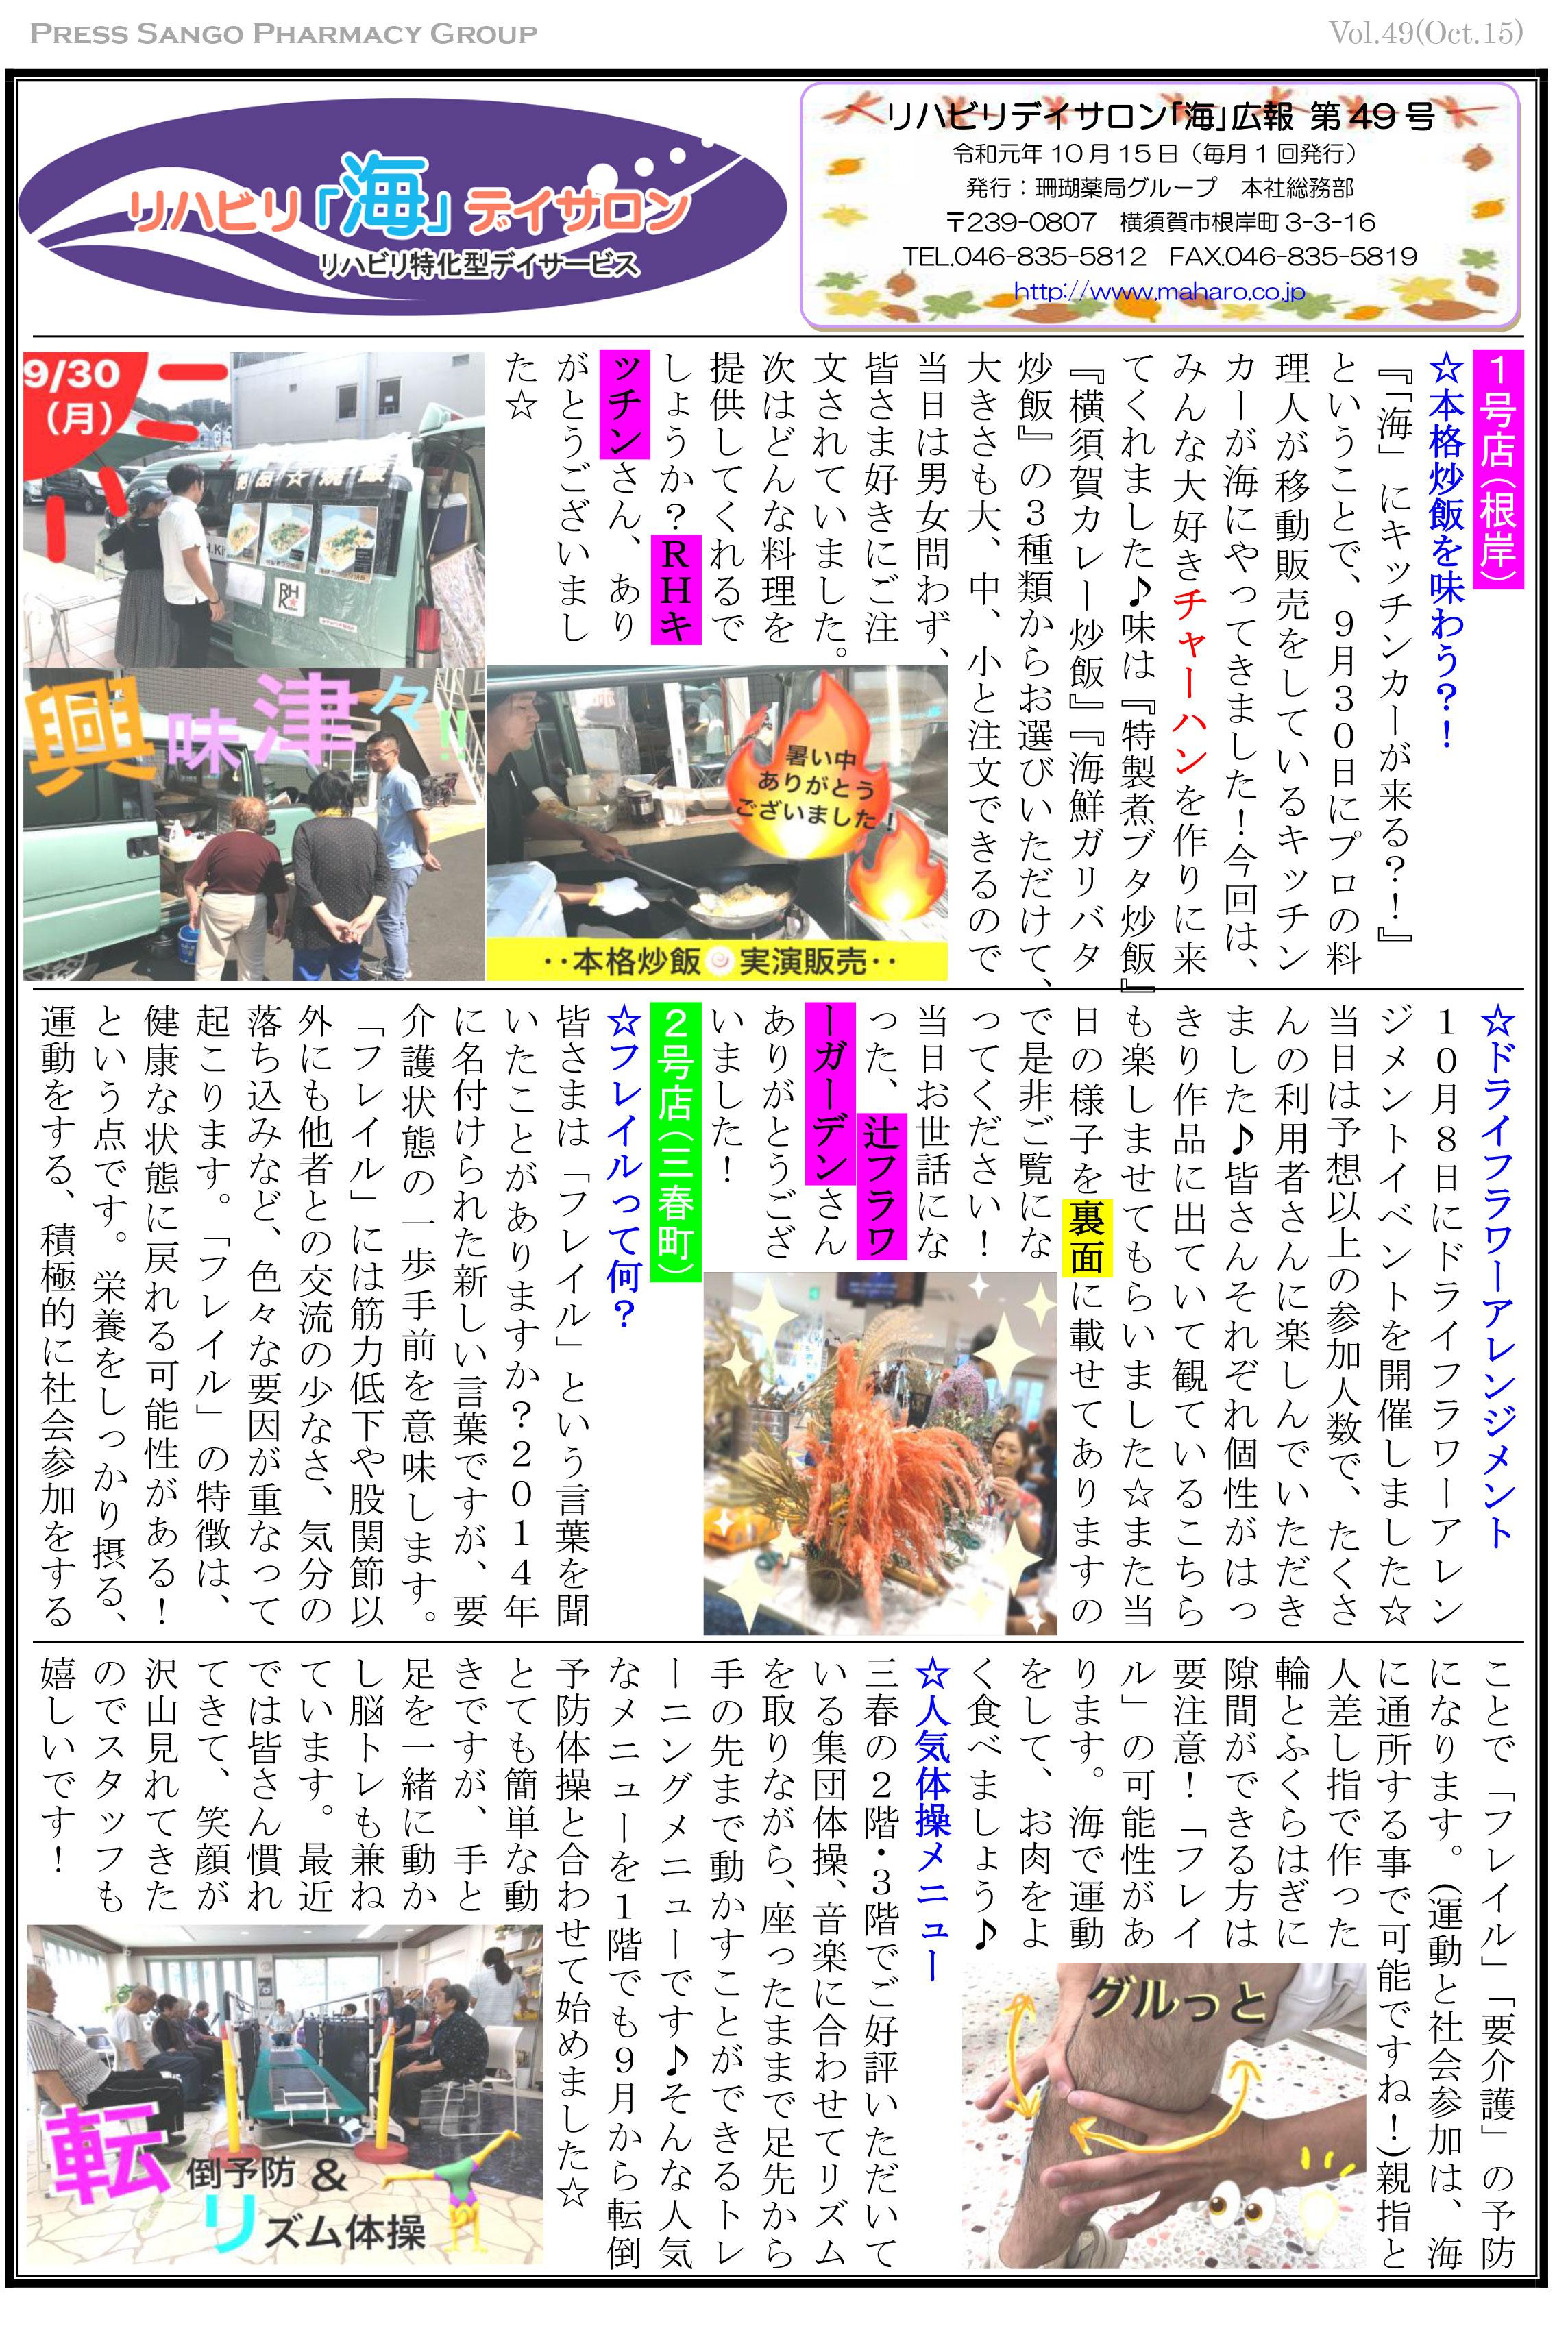 リハビリデイサロン「海」広報誌 第49号